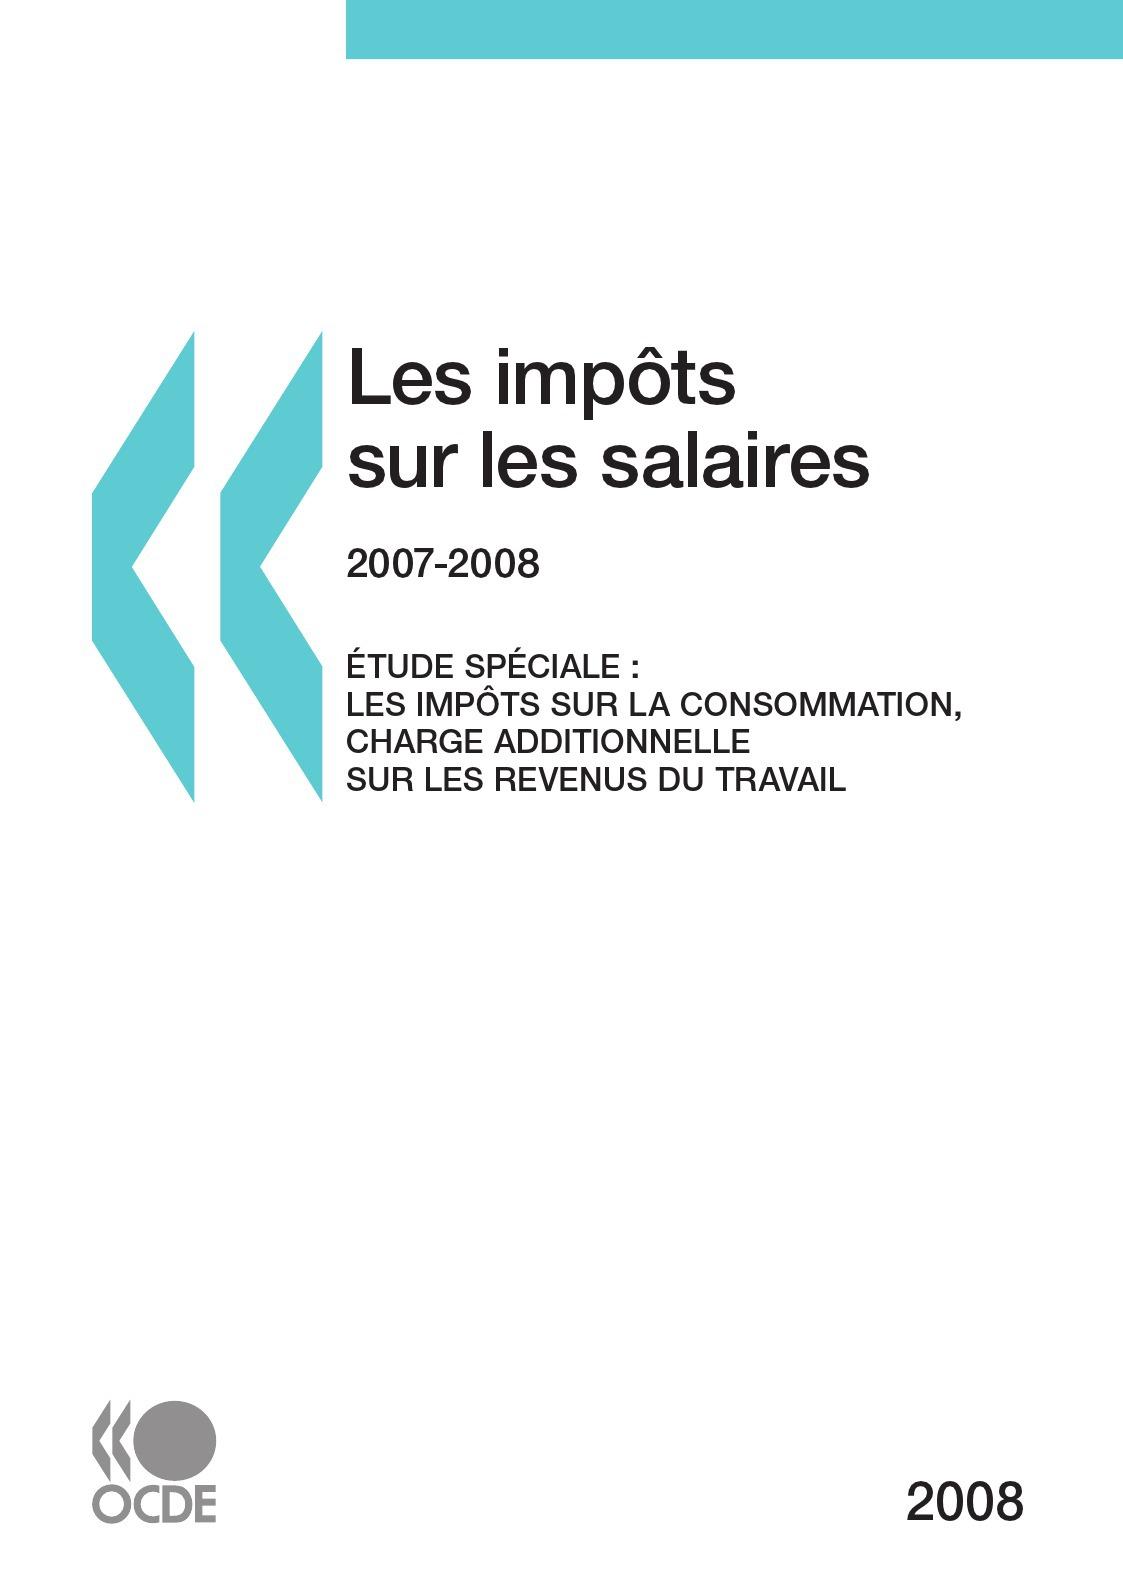 Les impôts sur les salaires 2007-2008